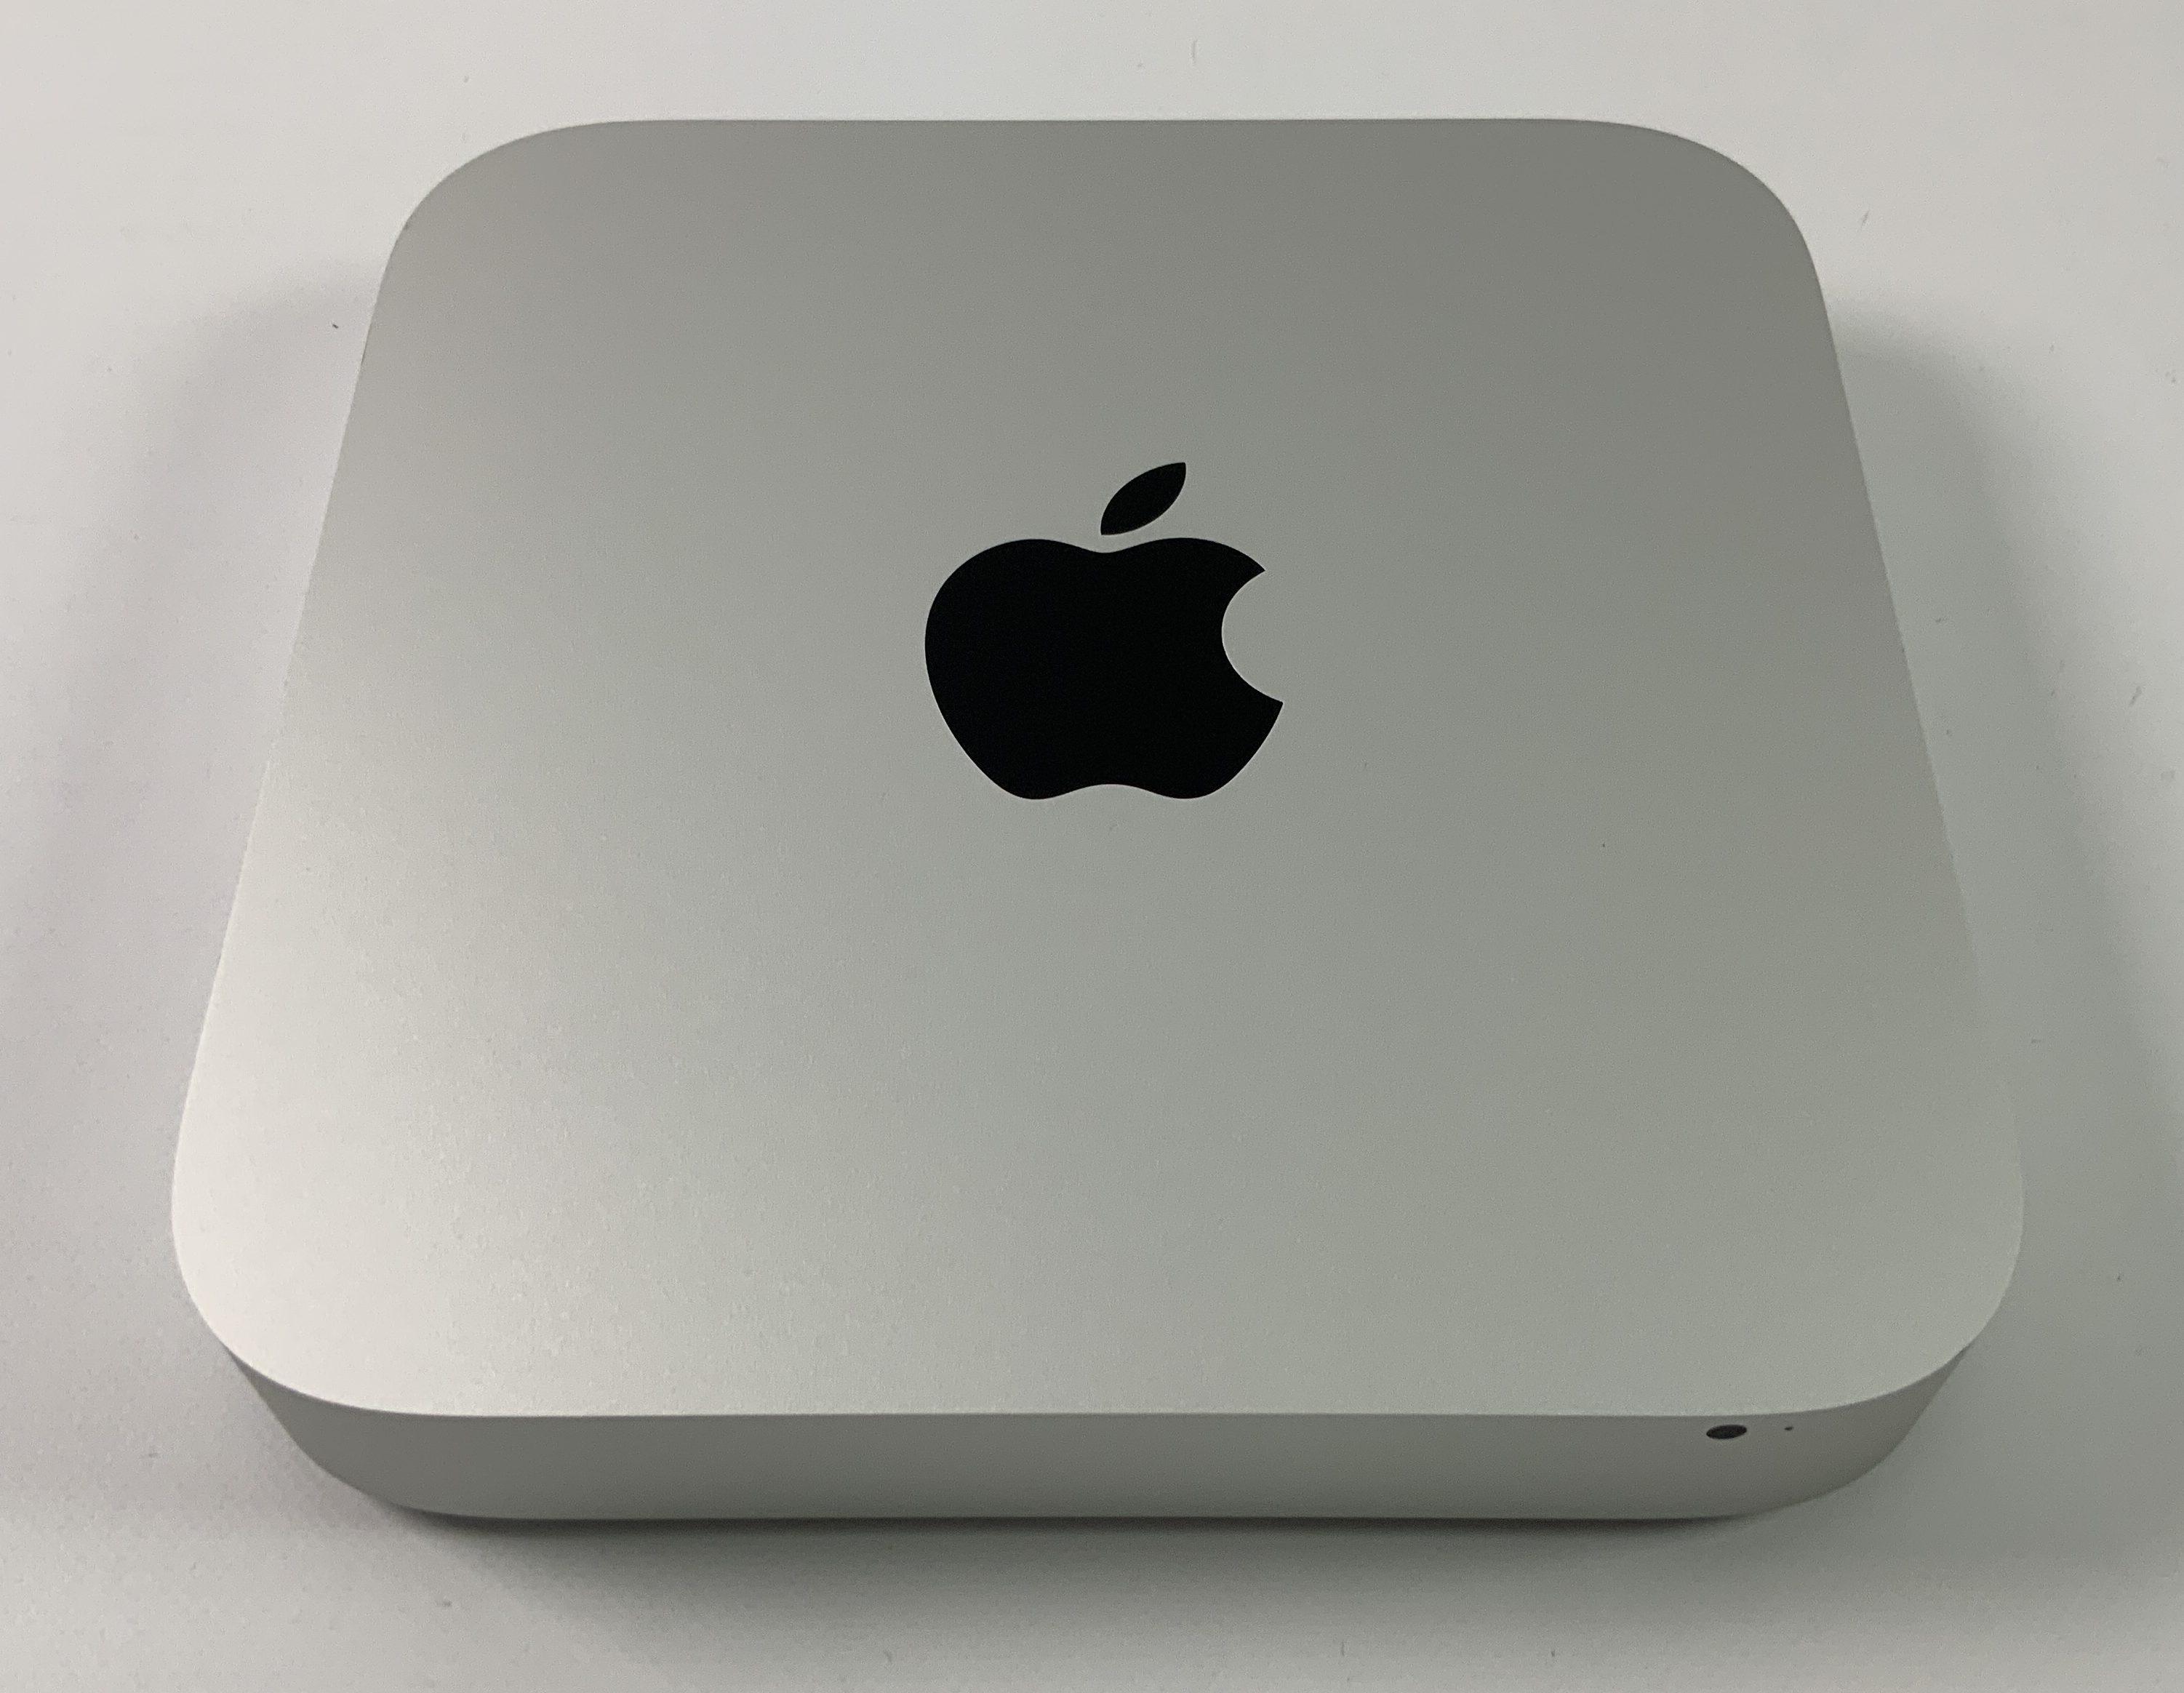 Mac Mini Late 2014 (Intel Core i7 3.0 GHz 16 GB RAM 256 GB SSD), Intel Core i7 3.0 GHz, 16 GB RAM, 256 GB SSD, Afbeelding 1